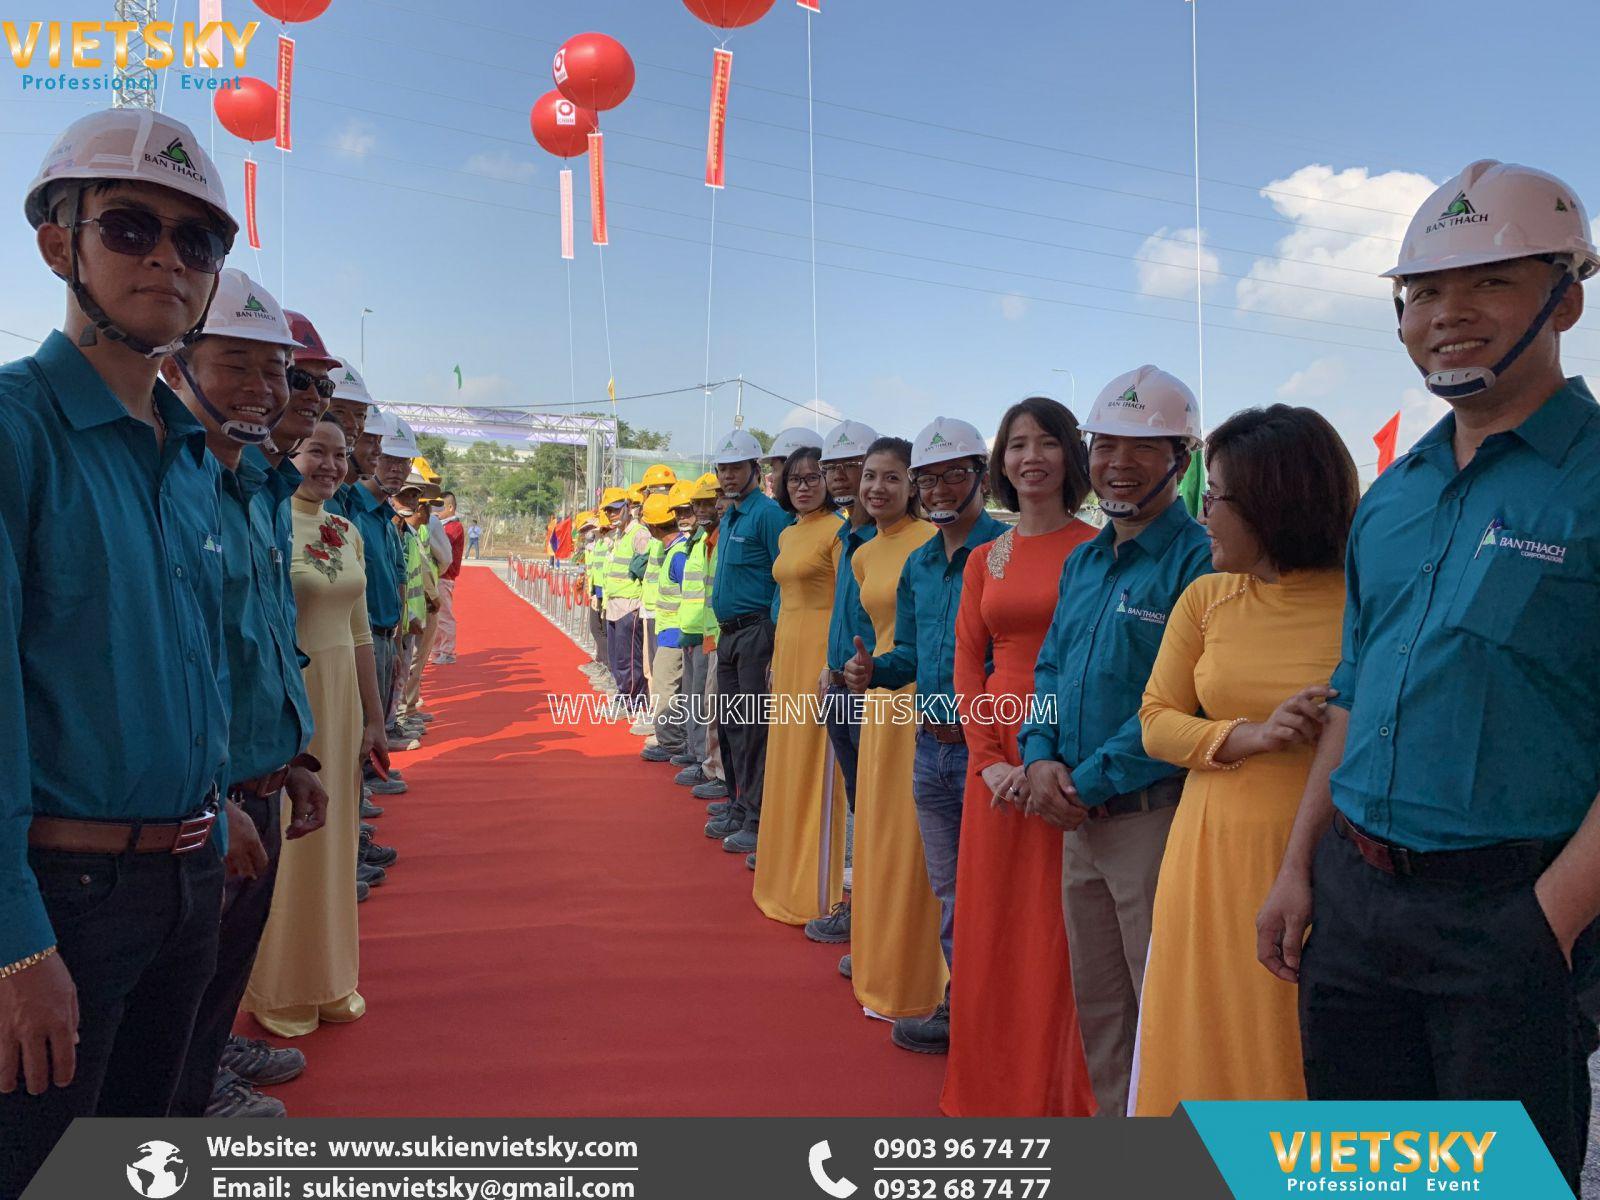 tổ chức lễ khởi công chuyên nghiệp tại hcm